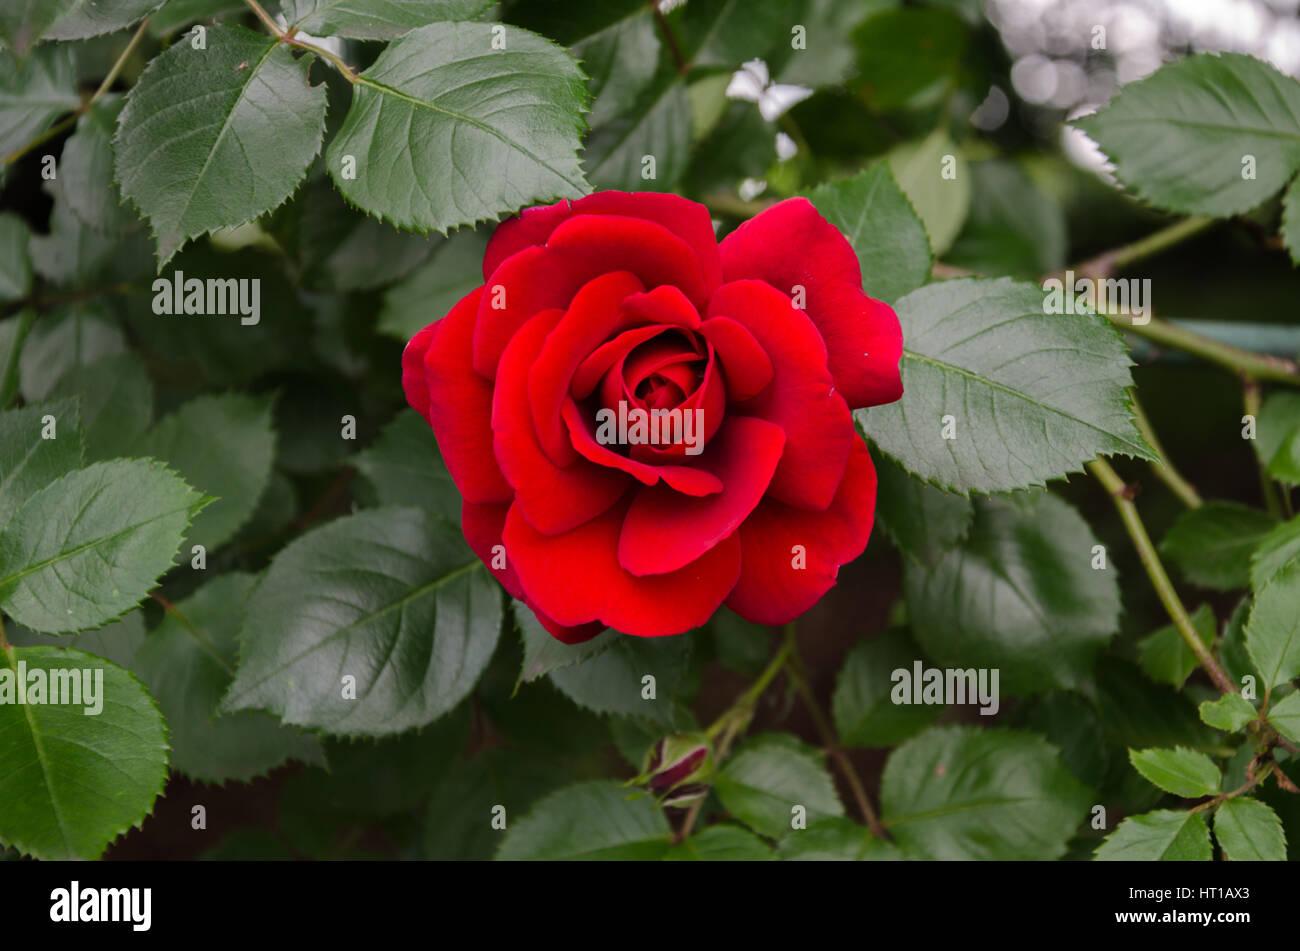 winding garden rose with red velvet flower and green leaves Stock Photo